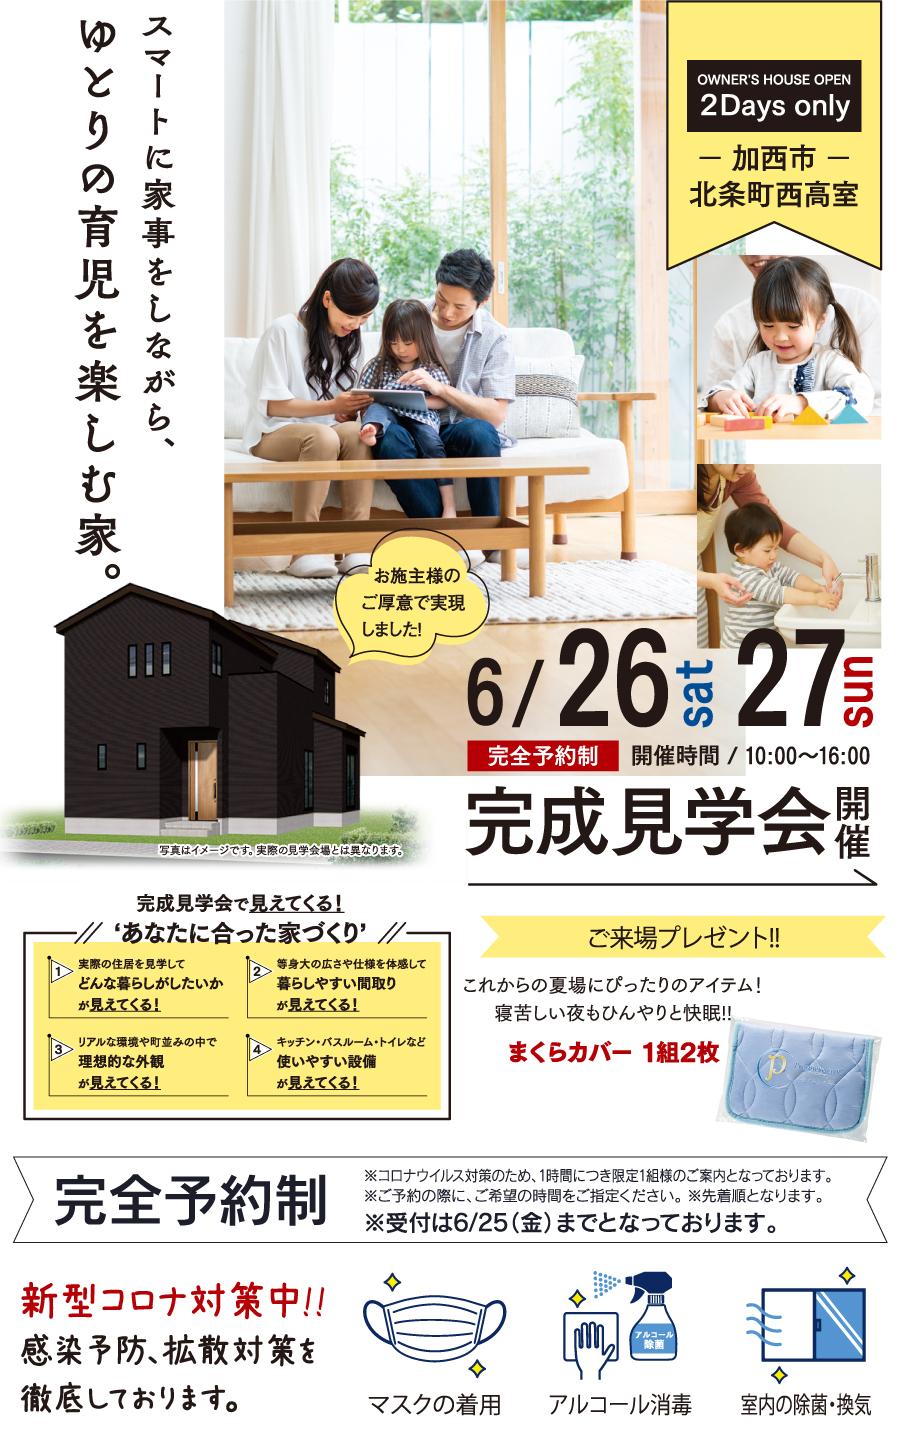 加西市北条町西高室にて注文住宅 ゆとりの育児を楽しむ家 完成見学会開催